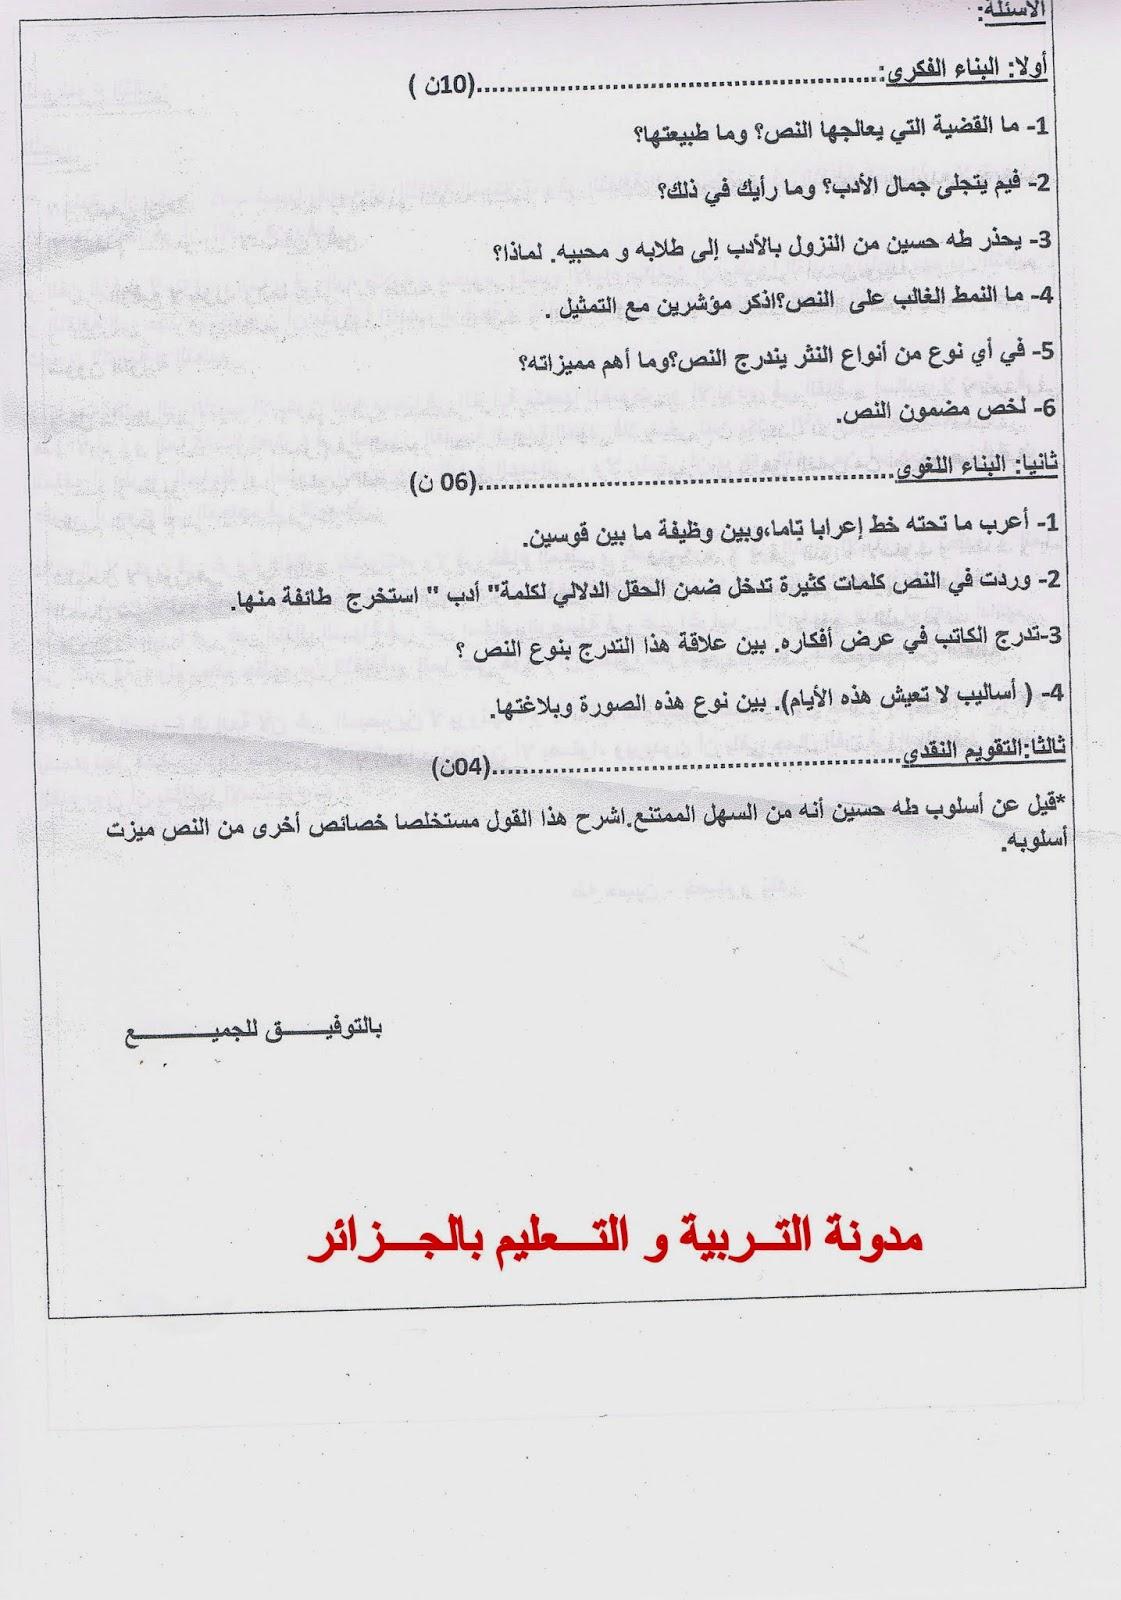 اختبار البكالوريا التجريبي في مادة اللغة العربية وآدابها 333